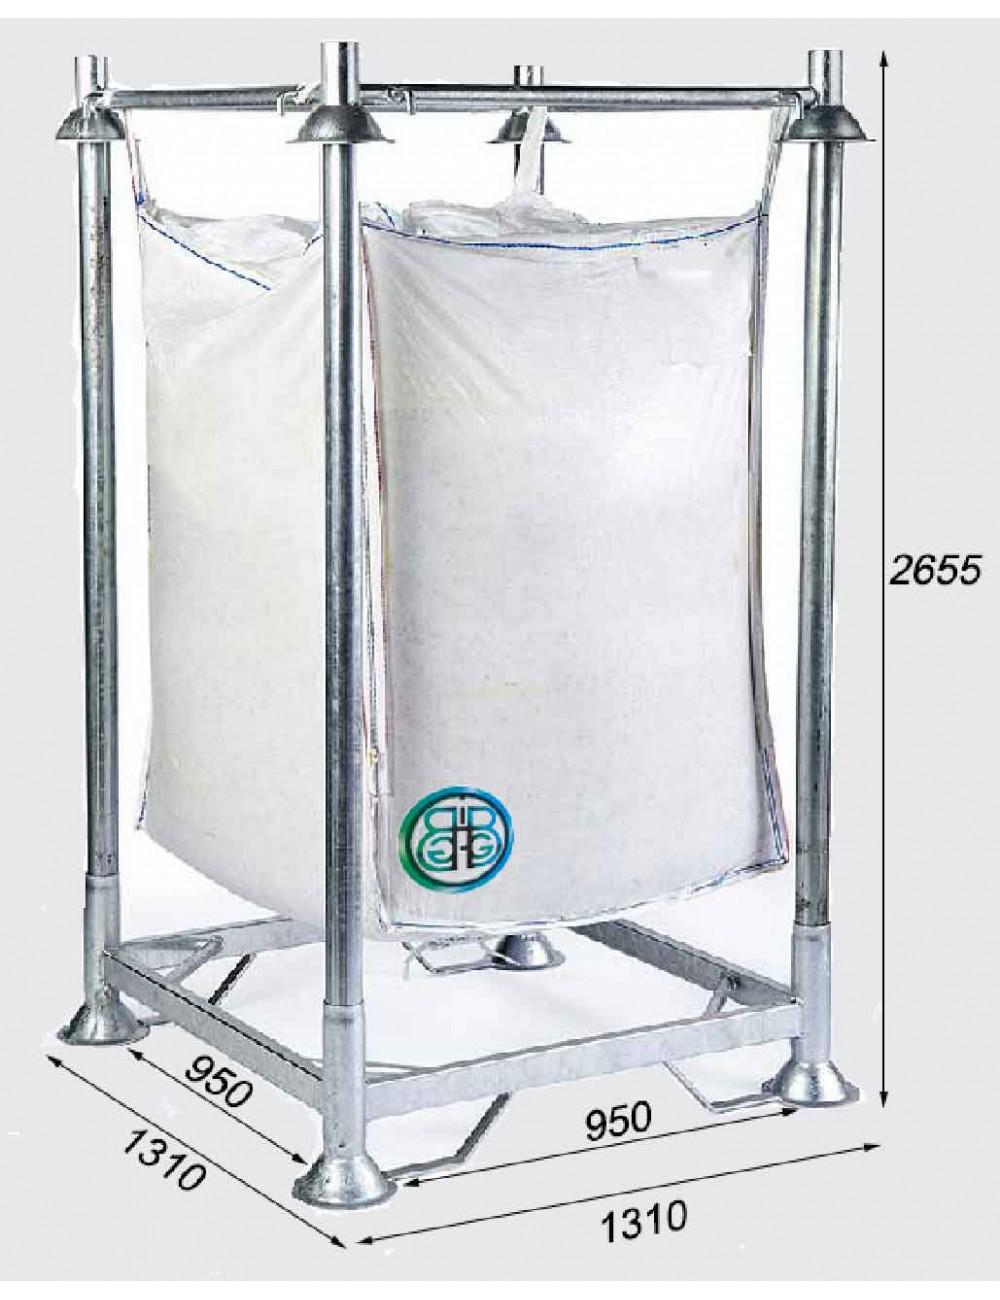 Soportes para Big Bag grande altura con base cerrada - Altura total 2655